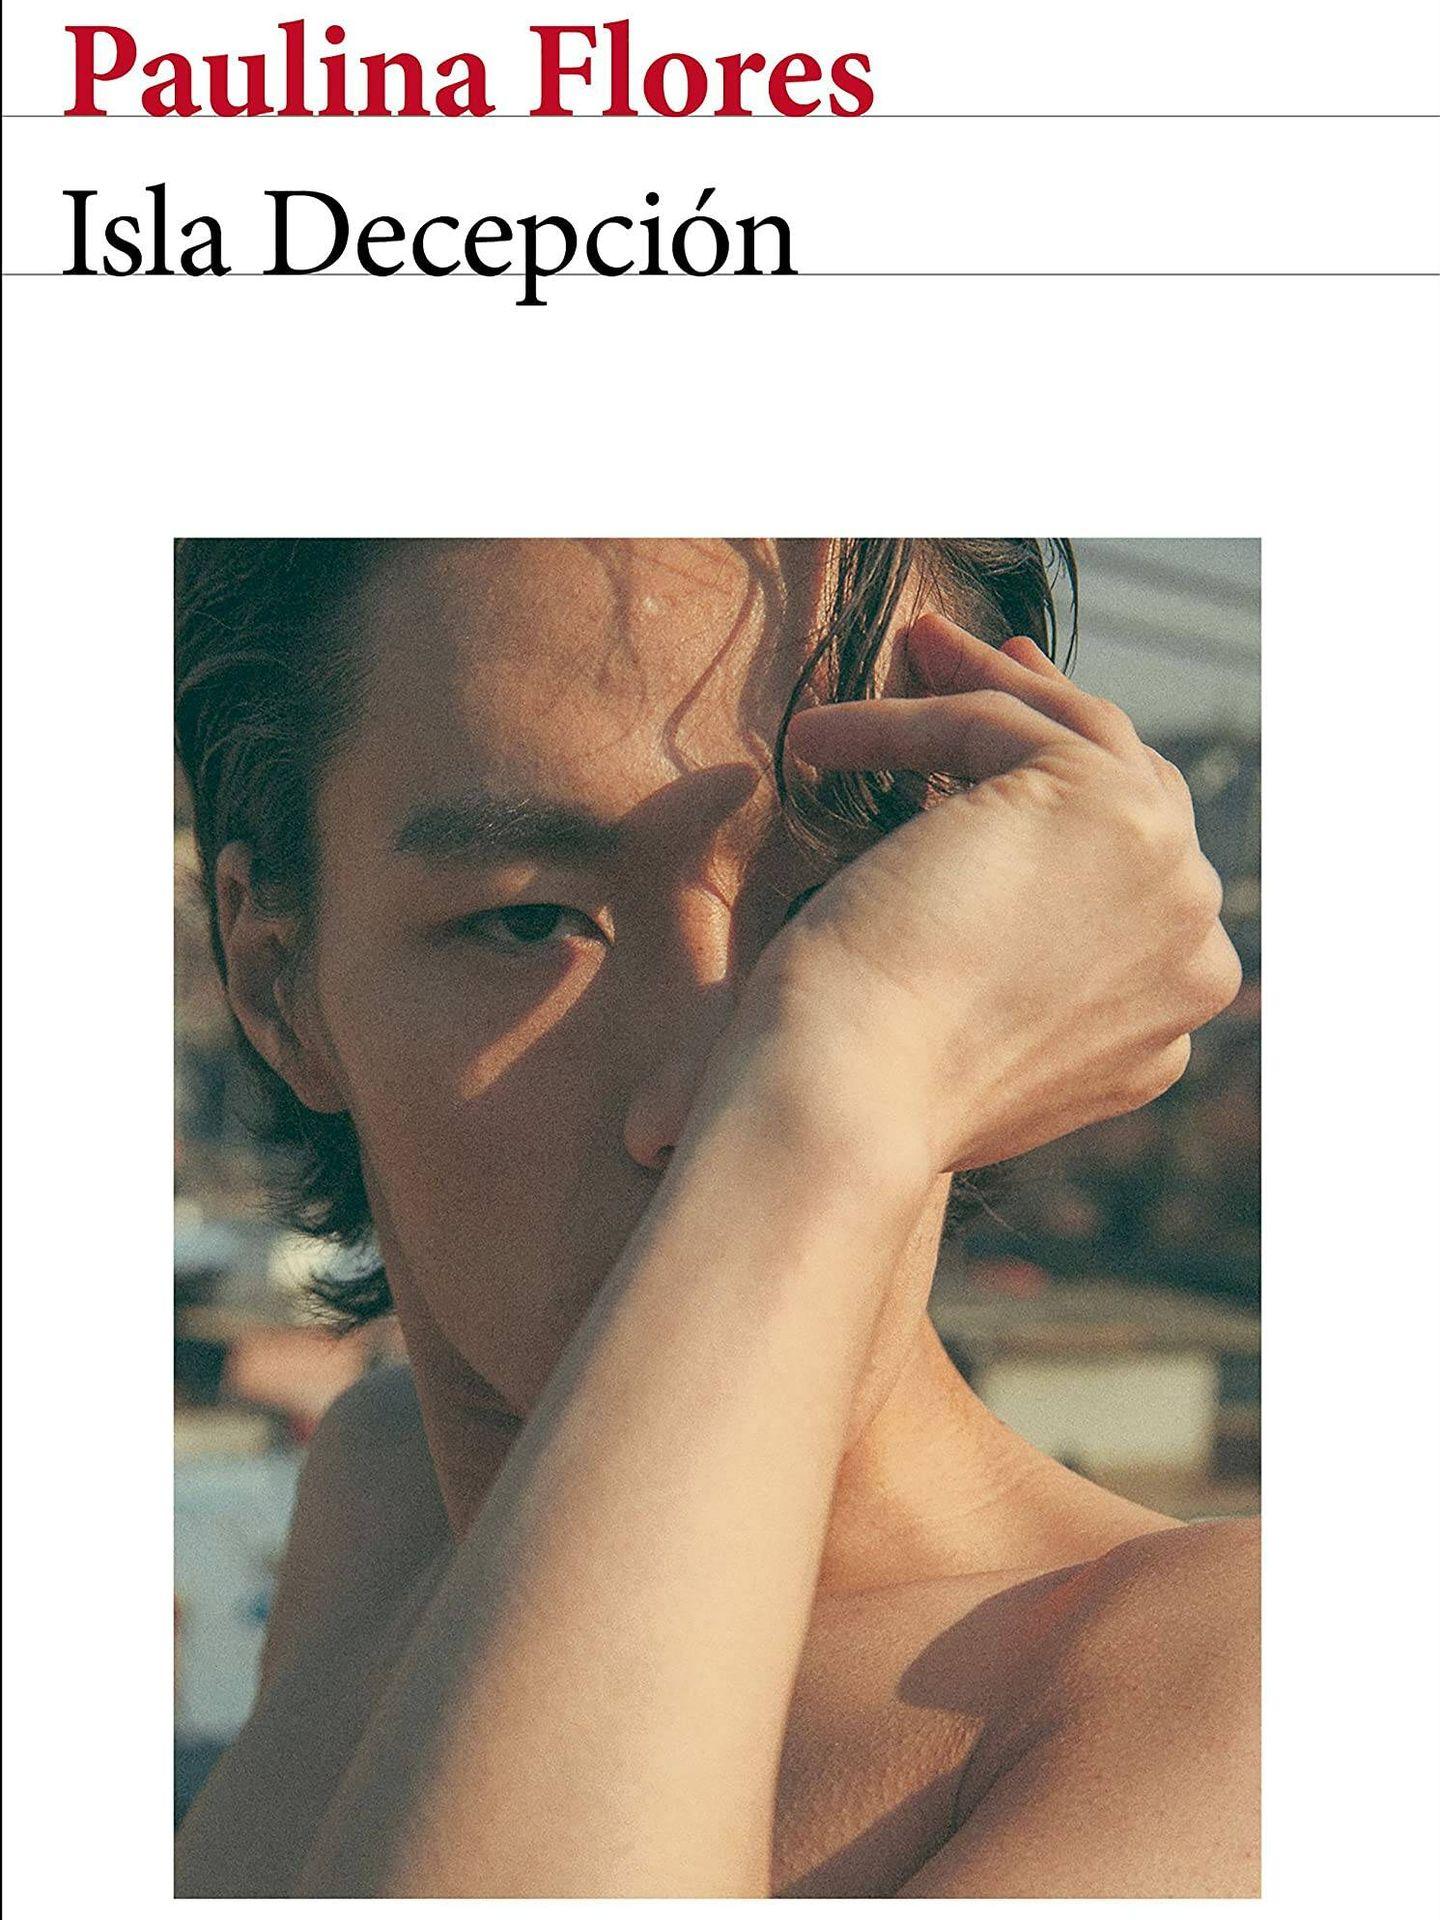 'Isla decepción'